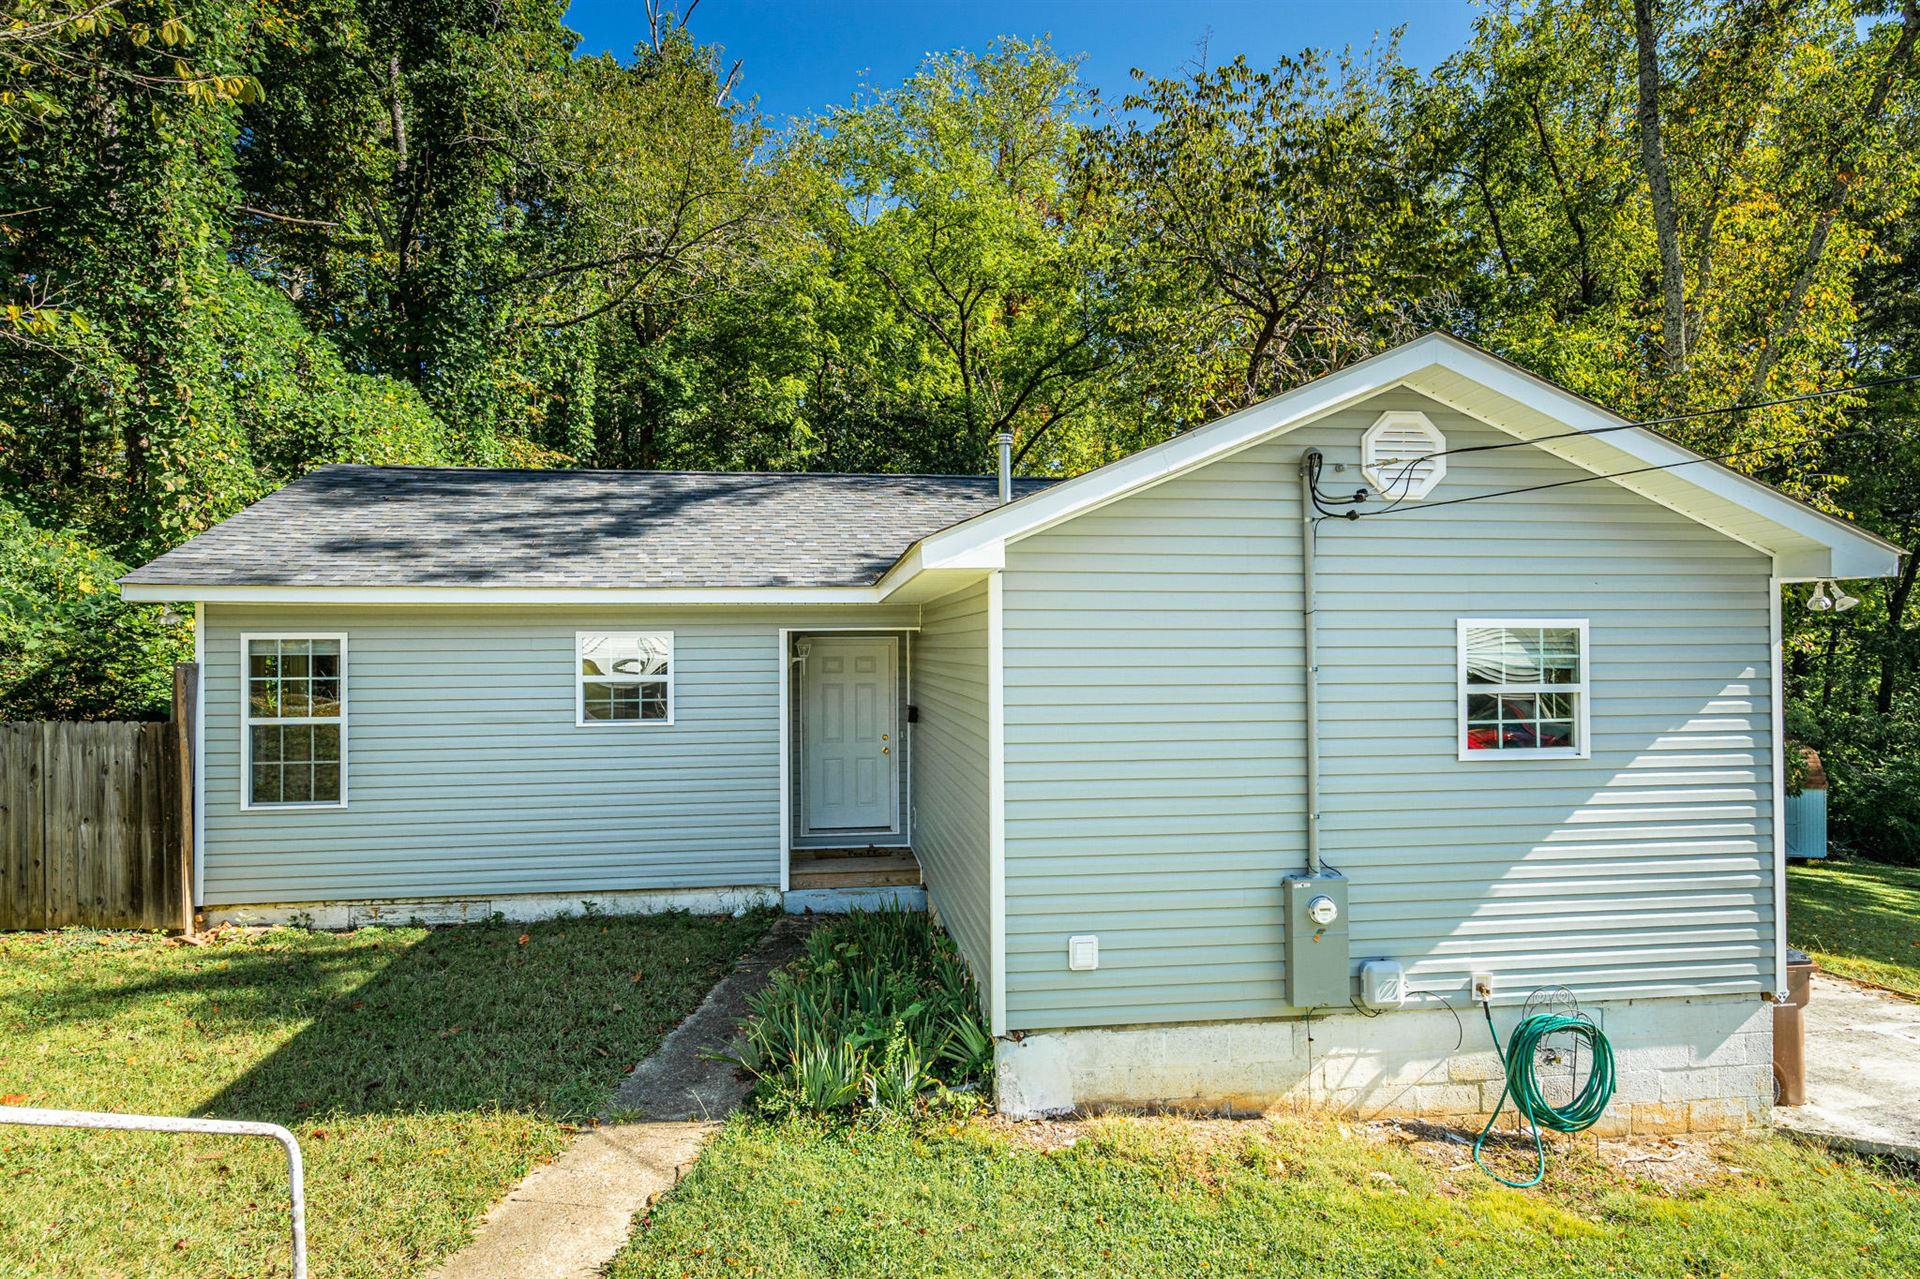 Photo of 107 Gorgas Lane, Oak Ridge, TN 37830 (MLS # 1131466)